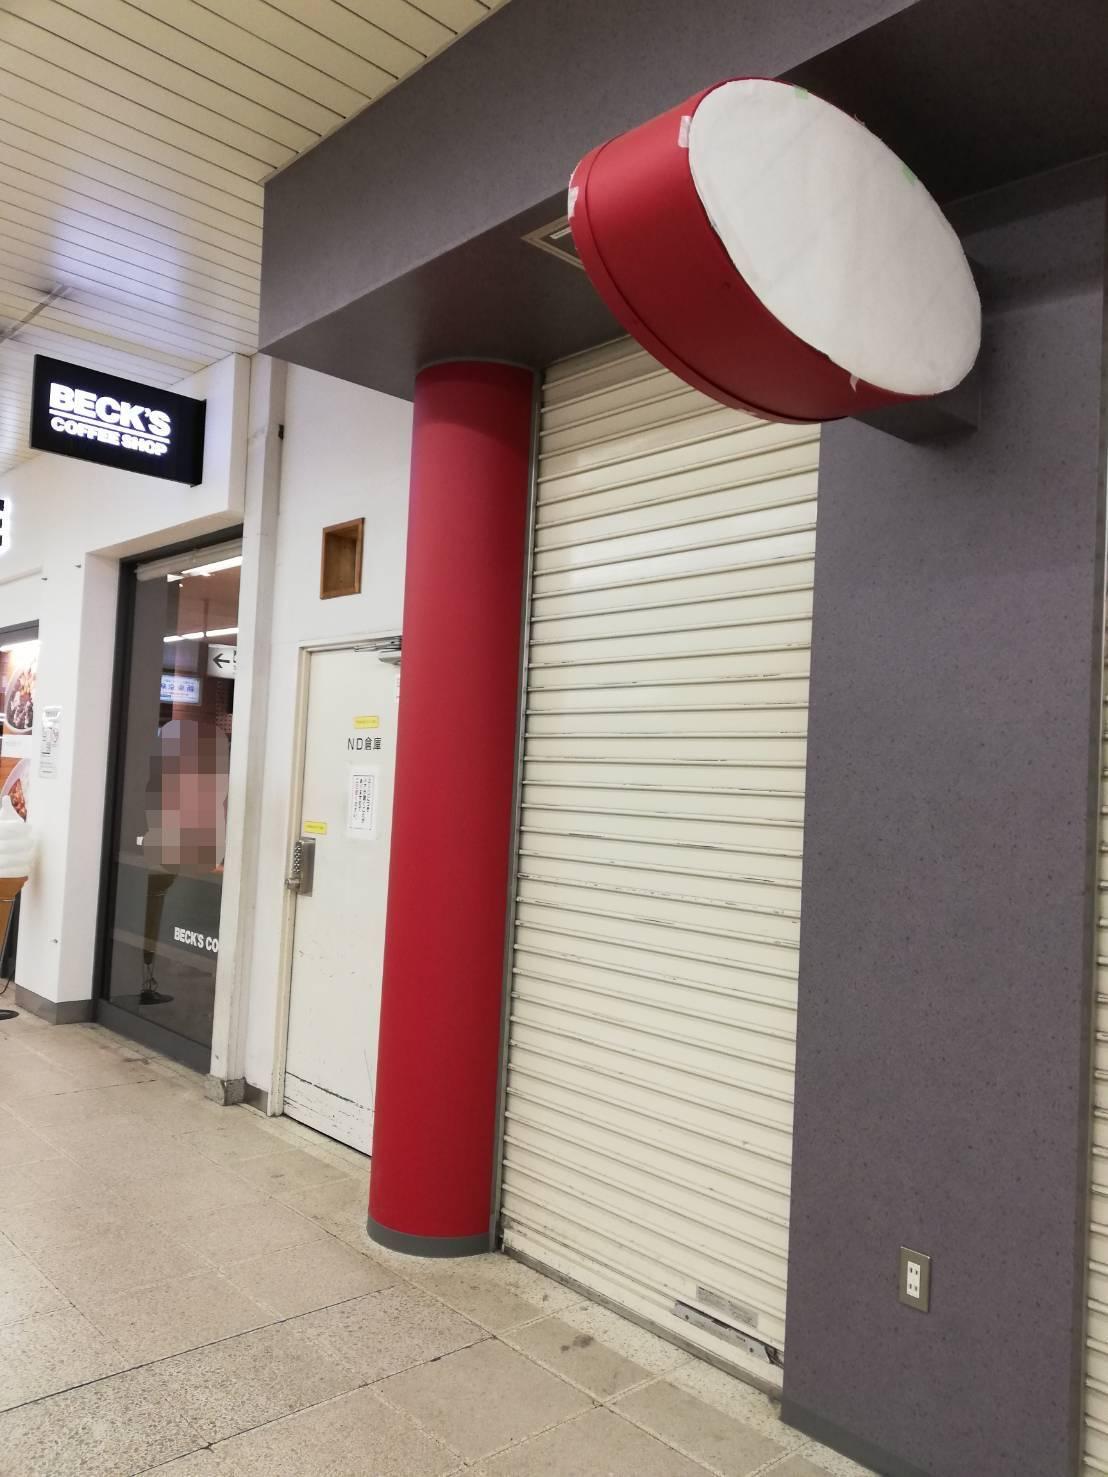 松戸駅改札前eスポーツカフェジェクサー・eスポーツ ステーション